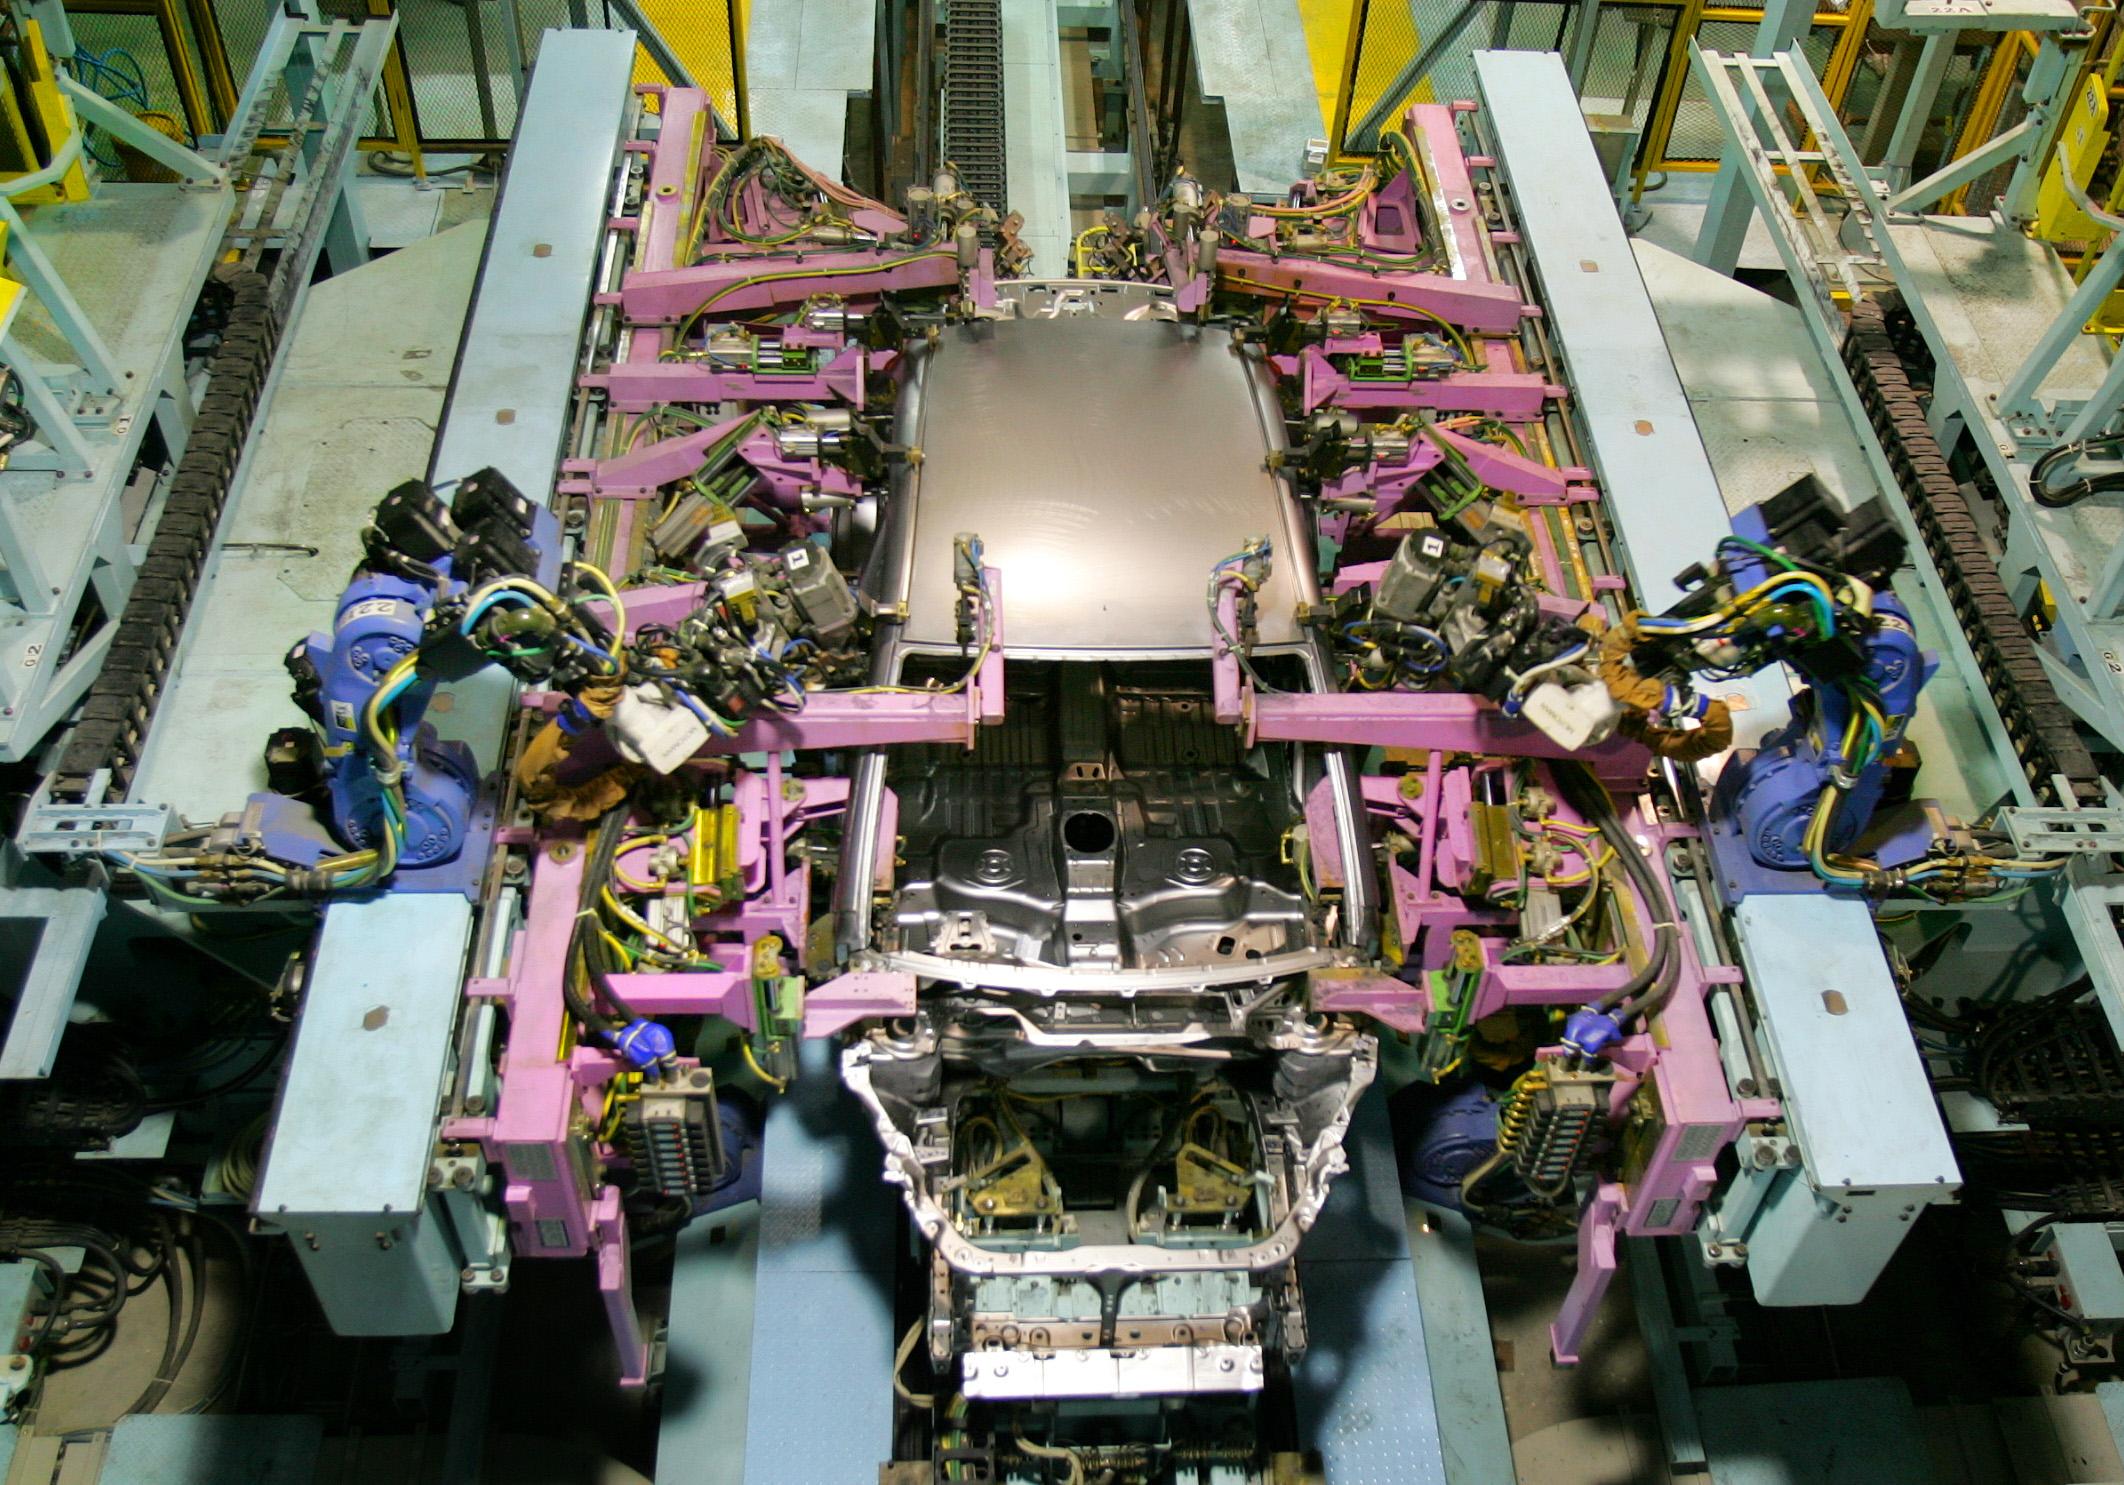 Η αντικατάσταση της ανθρώπινης εργασίας από μηχανές αφορά όλους τους εργαζομένους, από τους ανειδίκευτους εργάτες μέχρι και τους πιο εξειδικευμένους.